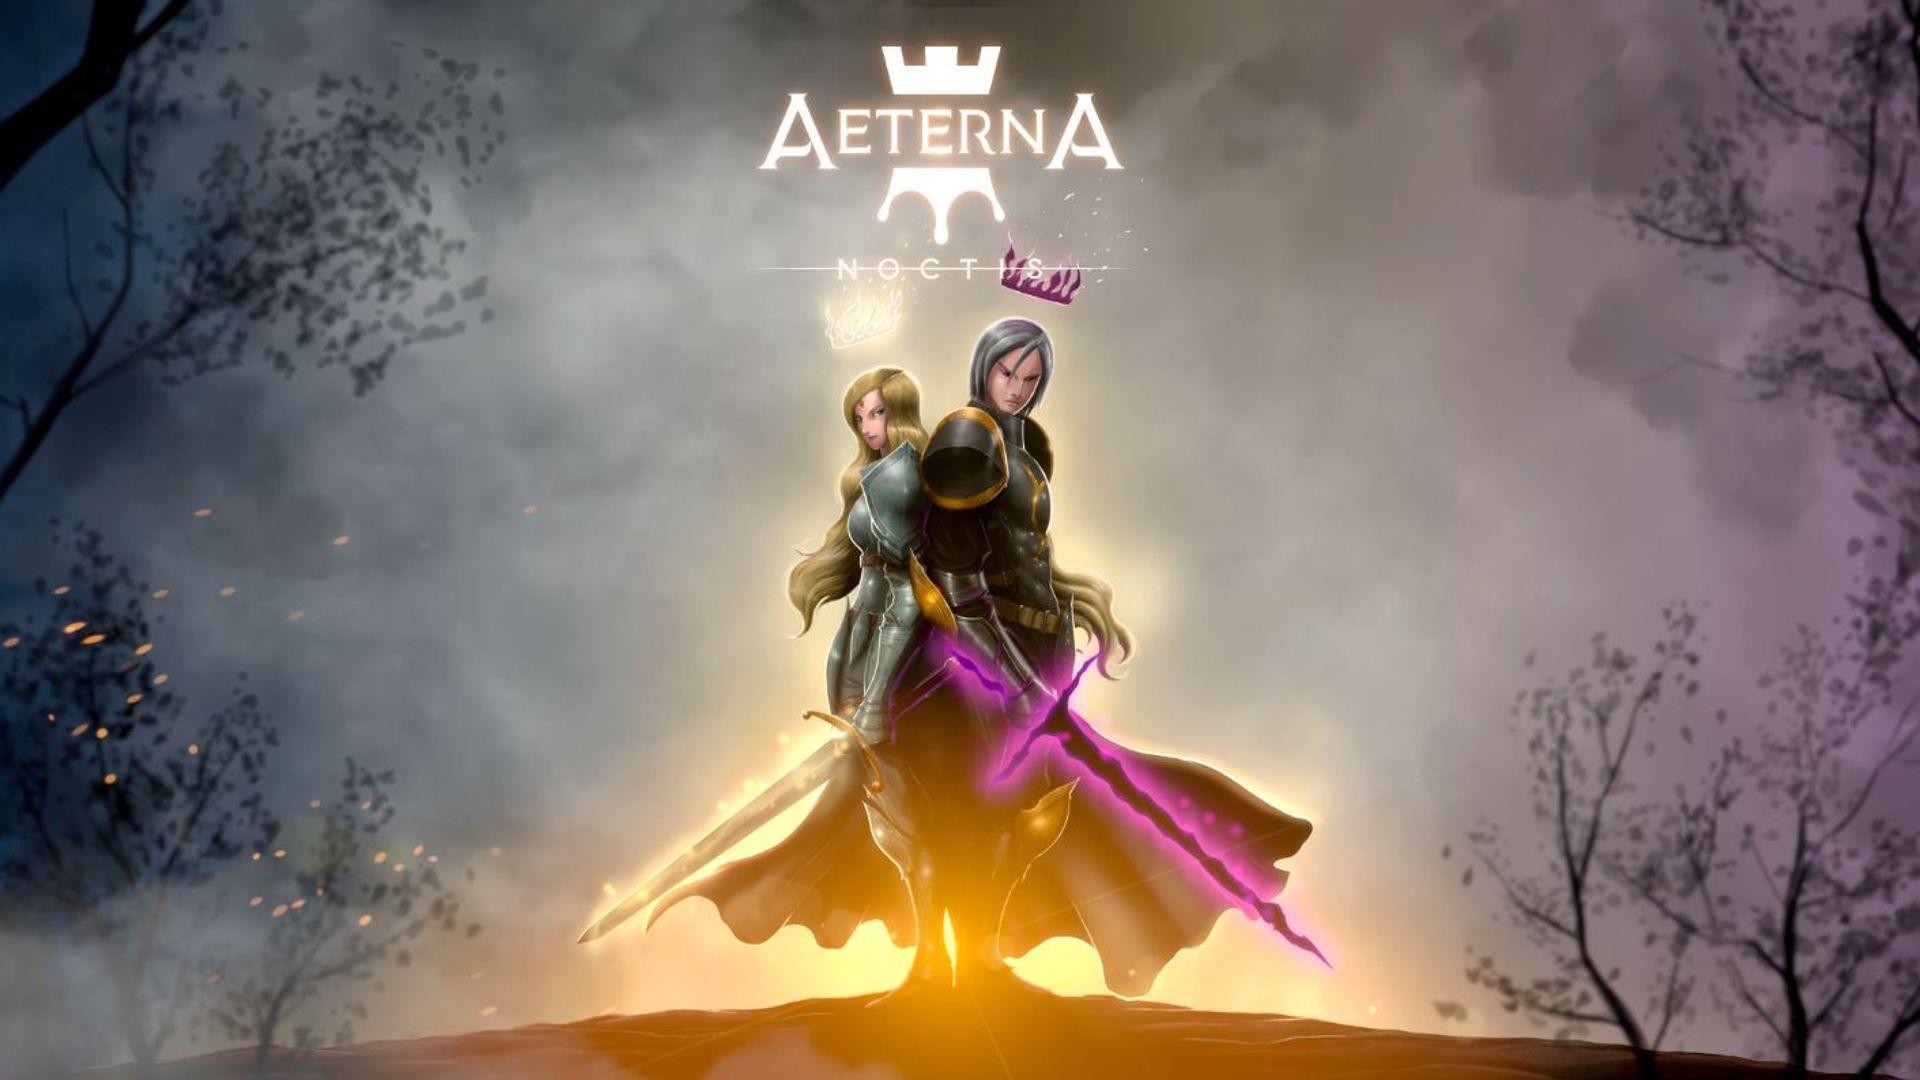 Aeterna Noctis presenta un nuevo y espectacular gameplay | PlayStation |  GameProTV